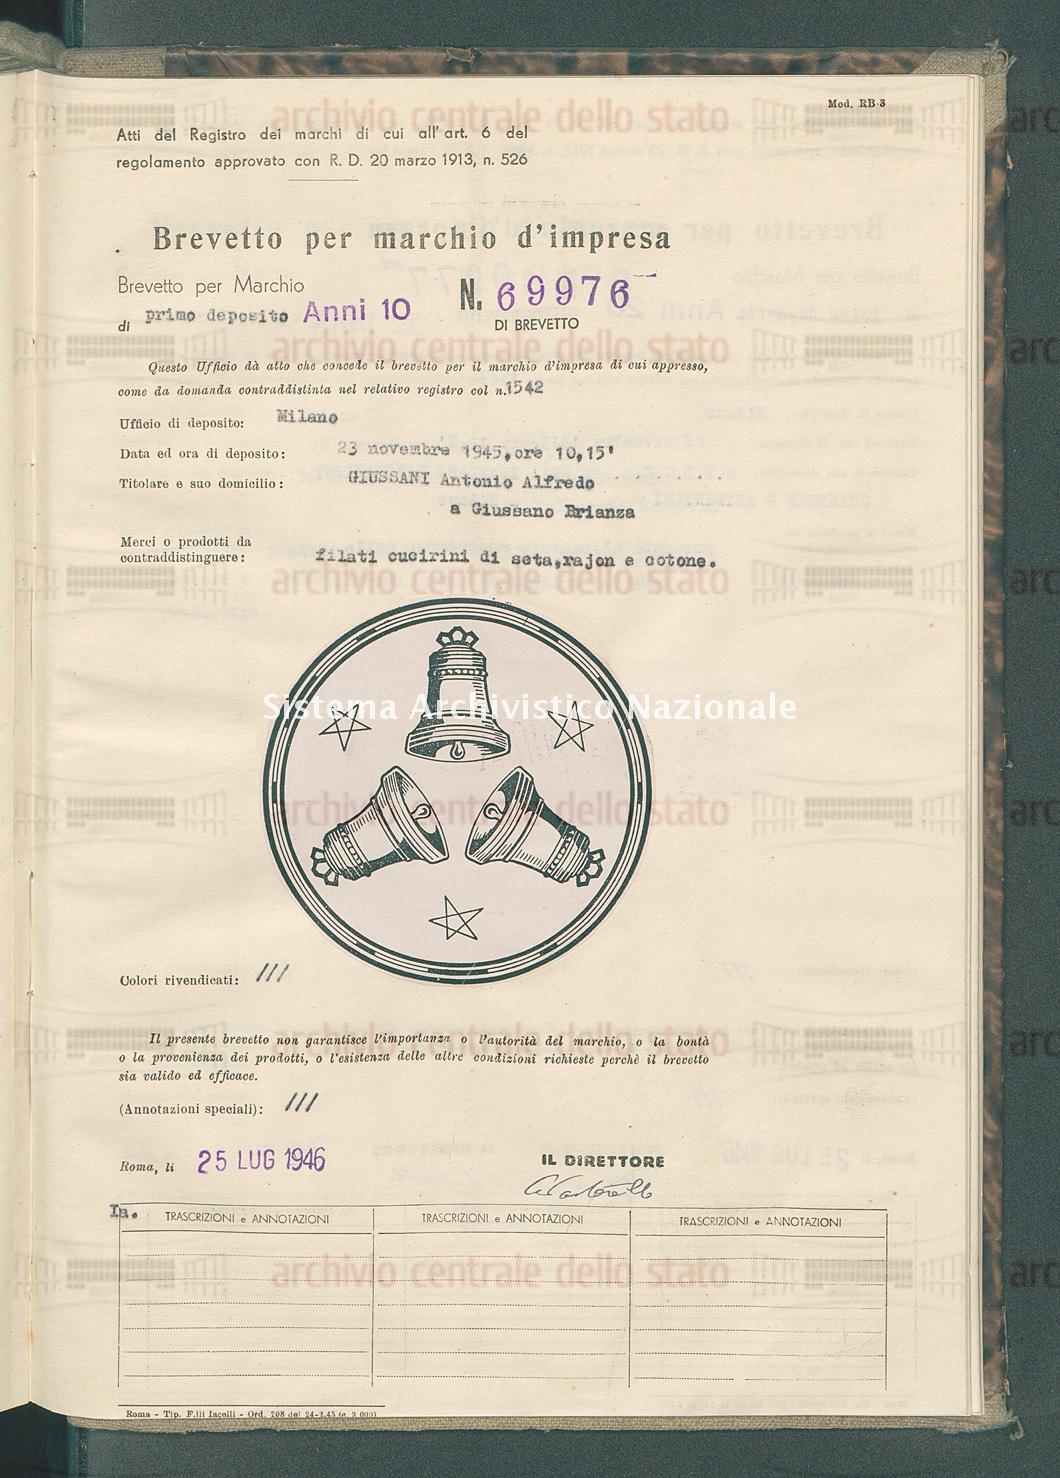 Filati cucirini di seta ecc. Giussani Antonio Alfredo (25/07/1946)